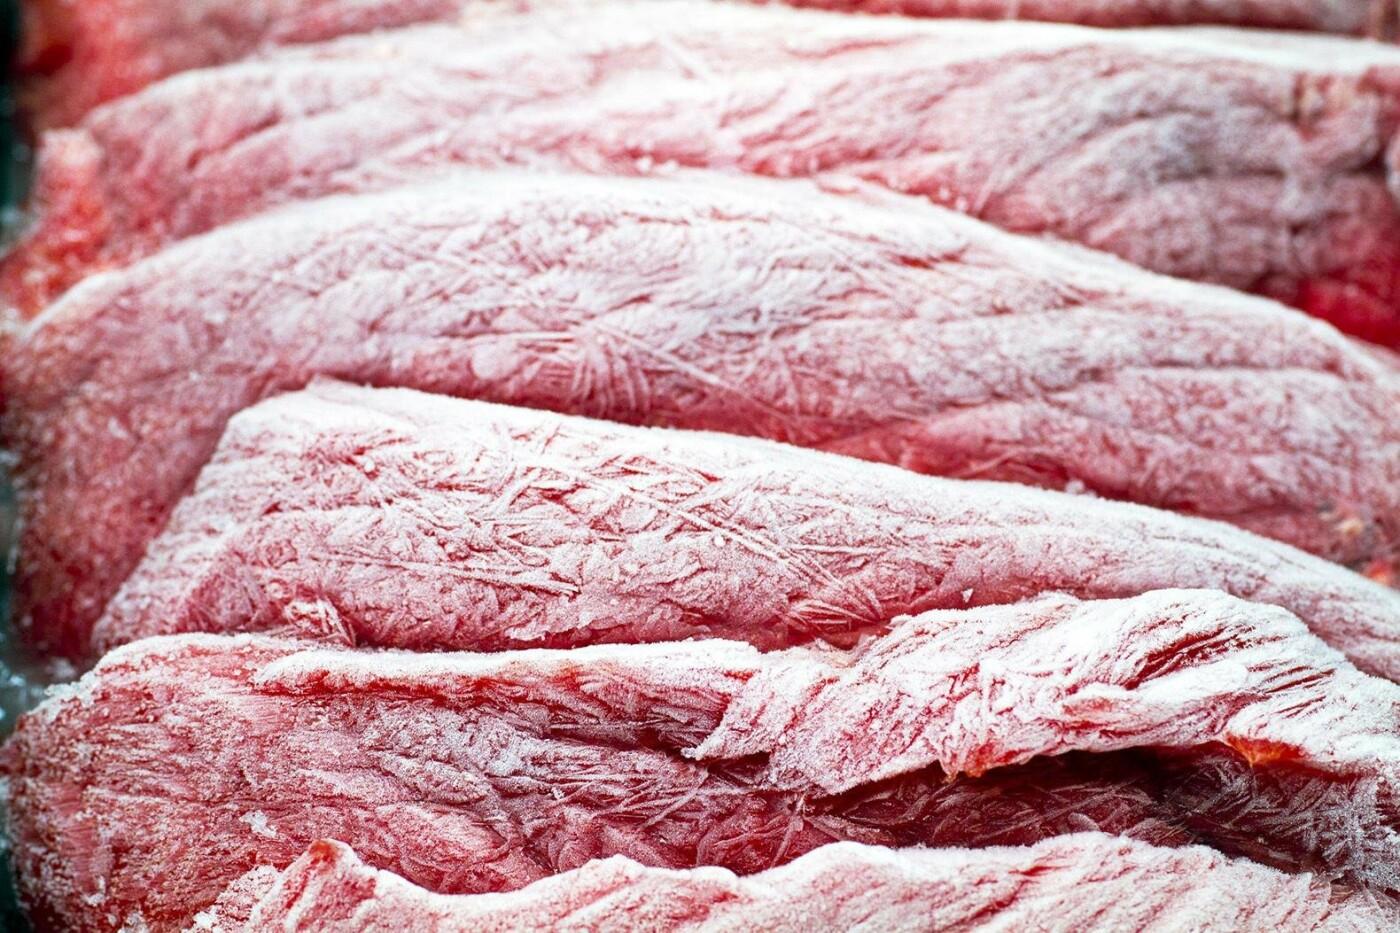 Санитарные врачи рассказали, как безопасно размораживать мясо и рыбу, фото-1